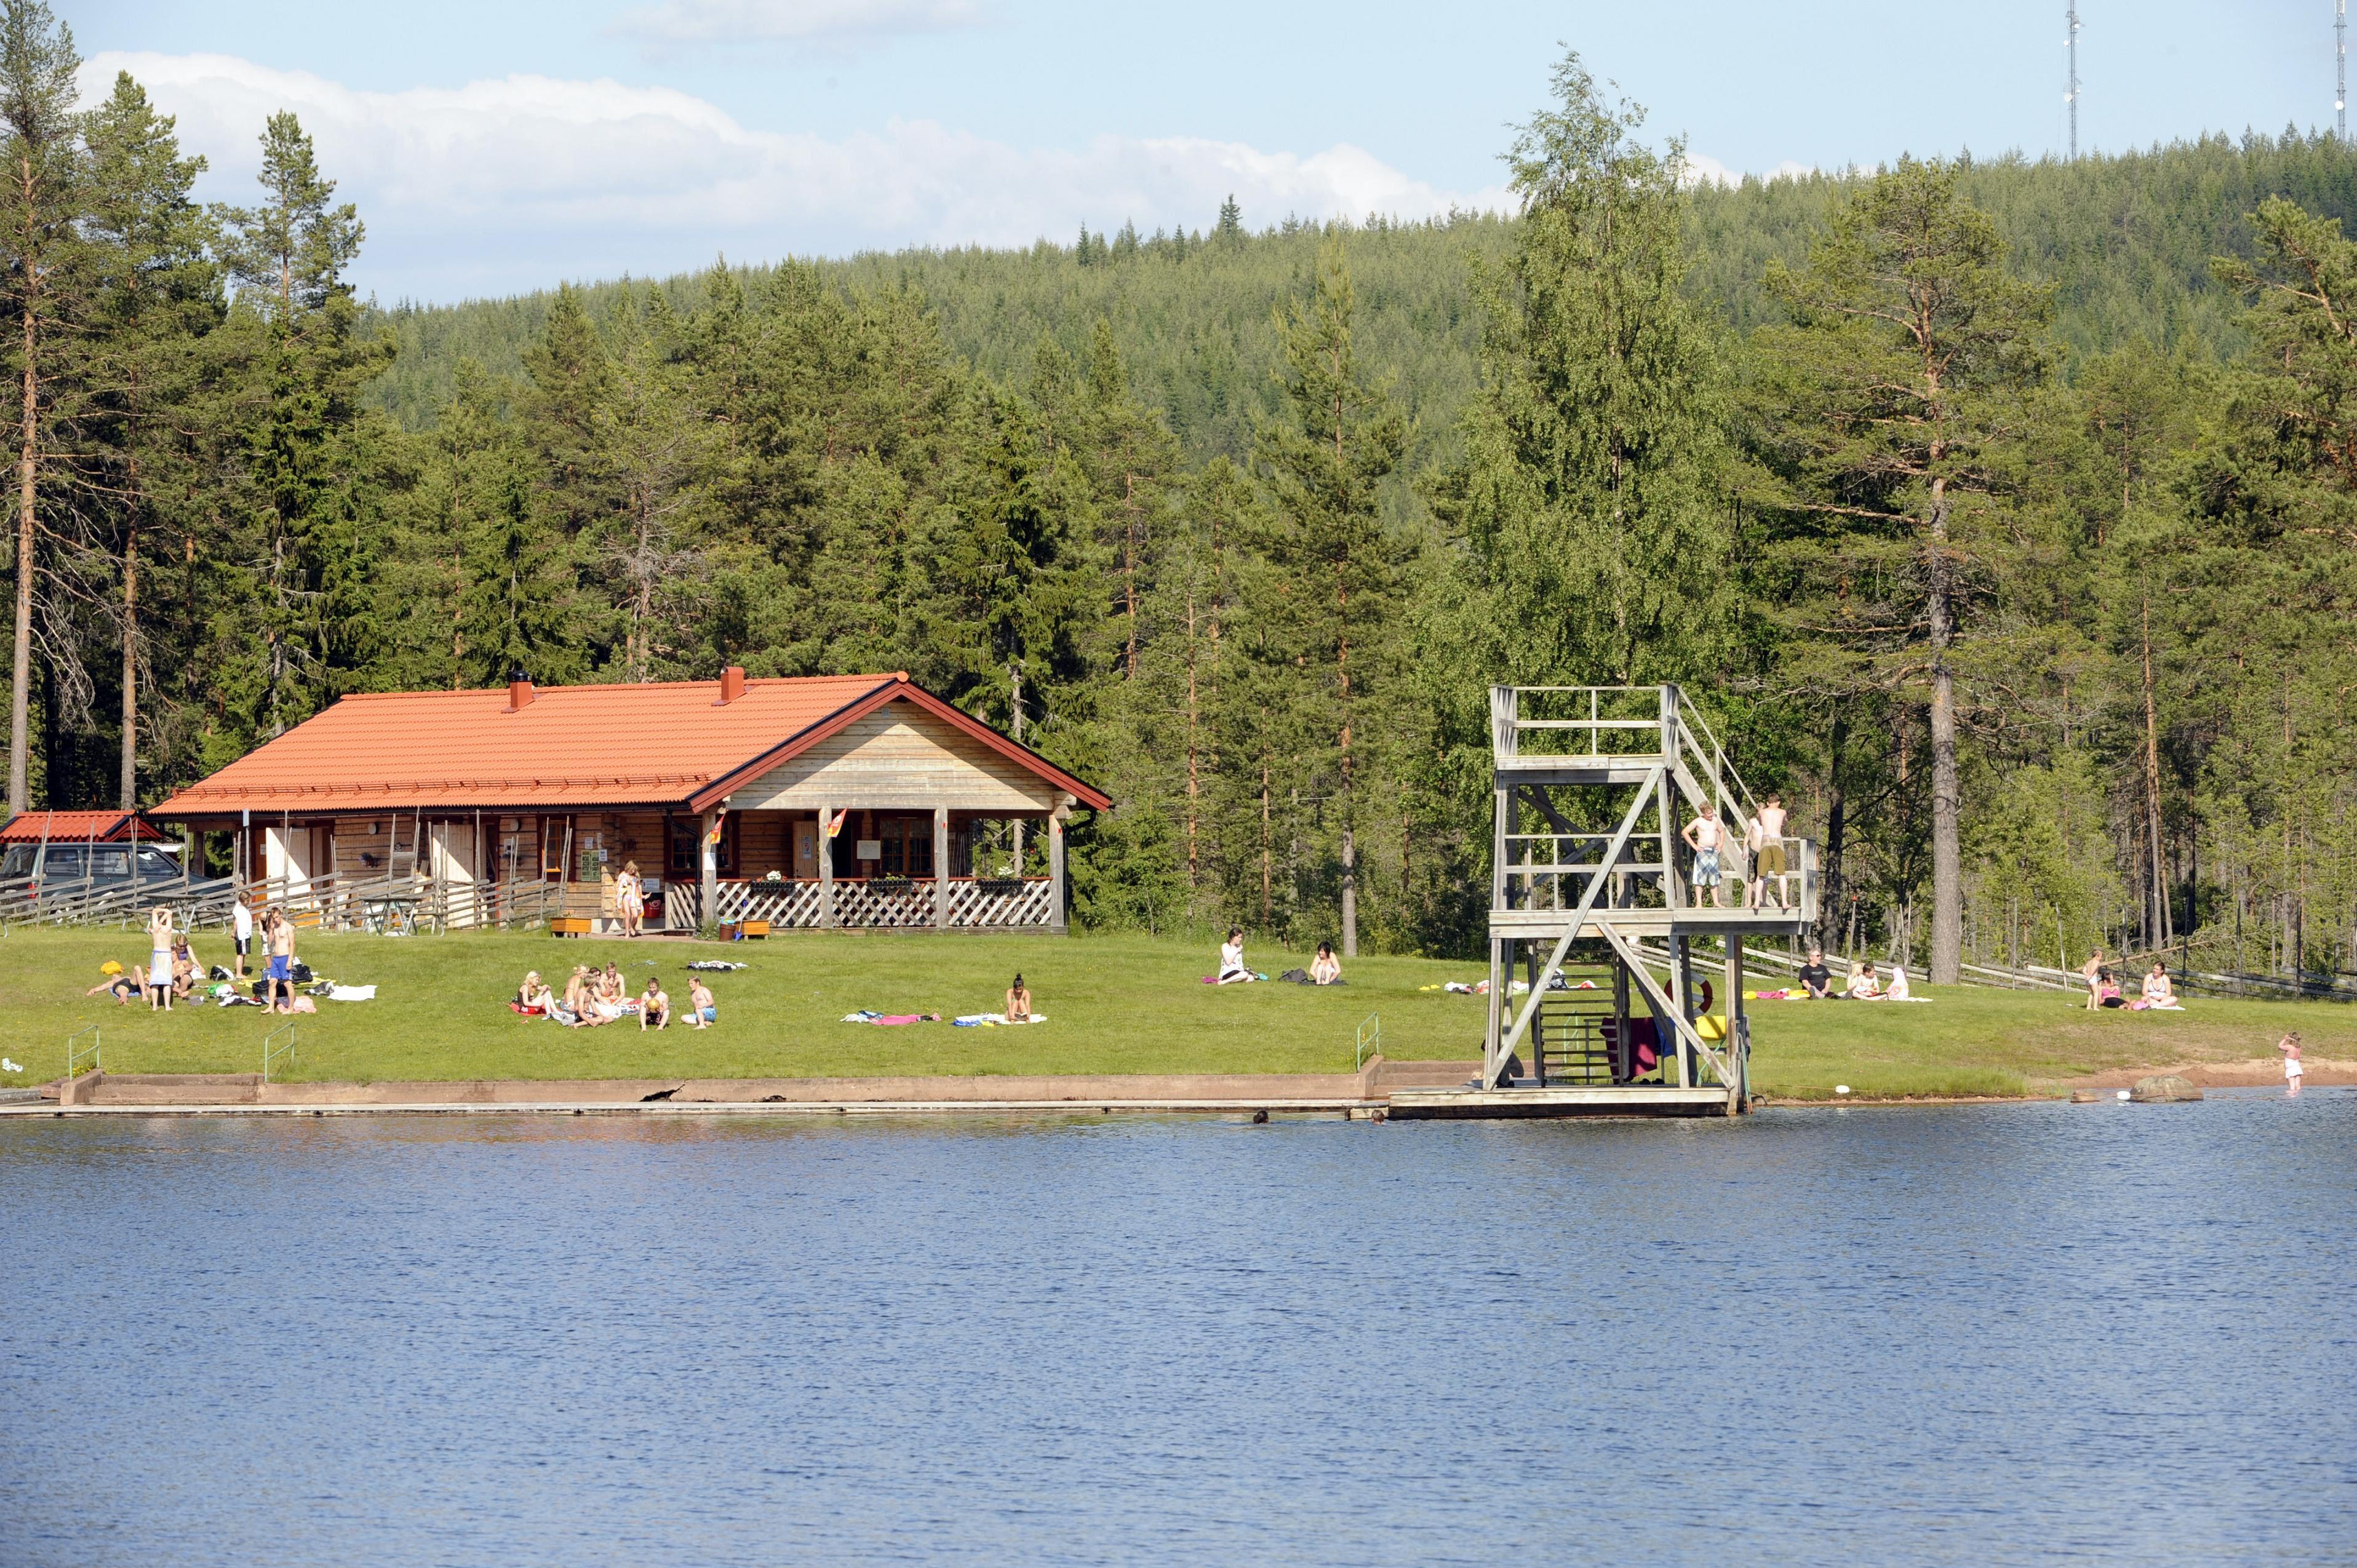 Nisse Schmidt, Evertsbergs badplats